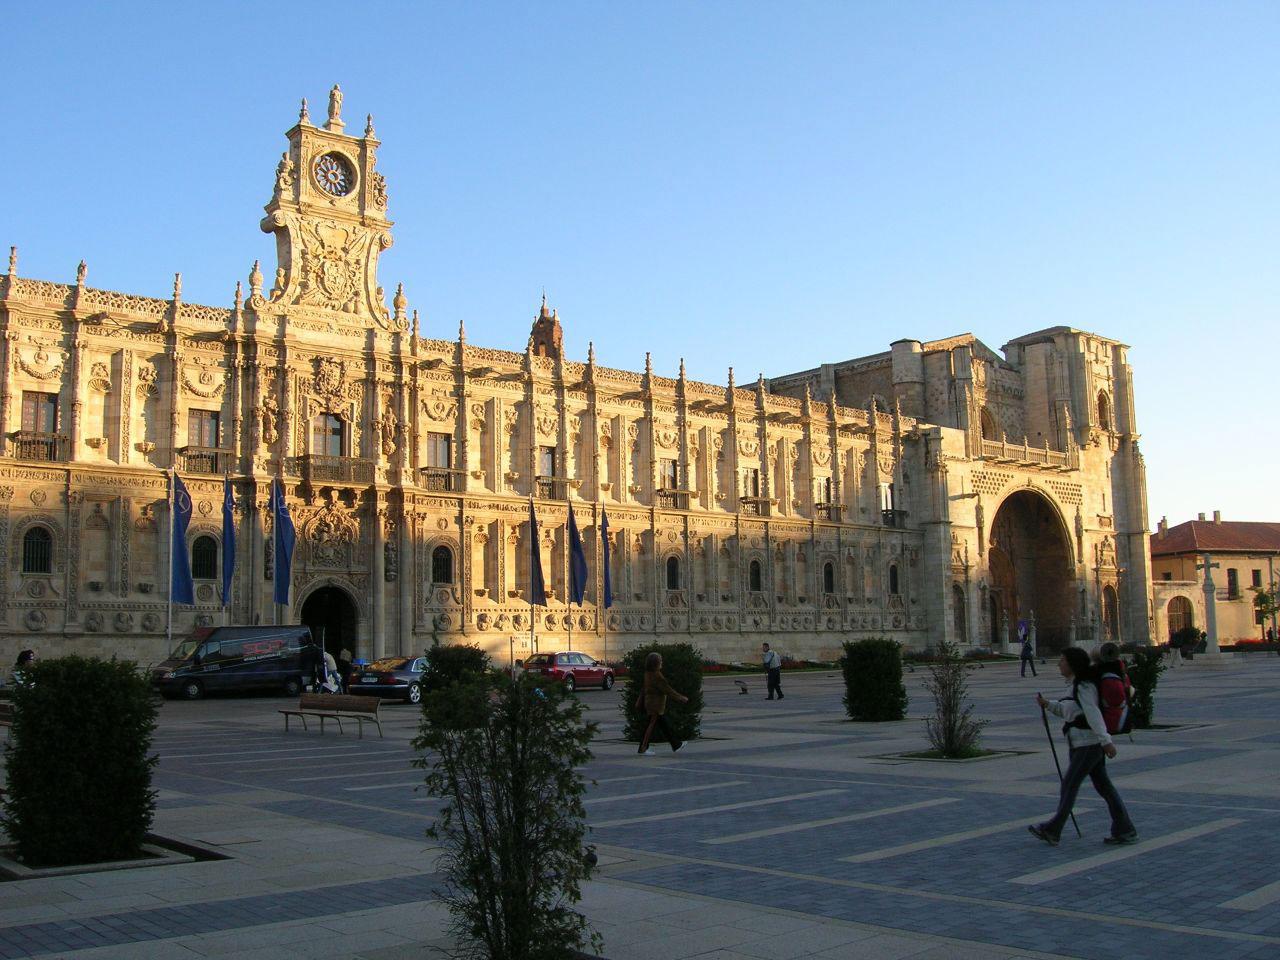 Convento de San Marcos, actual Parador de Turismo de León